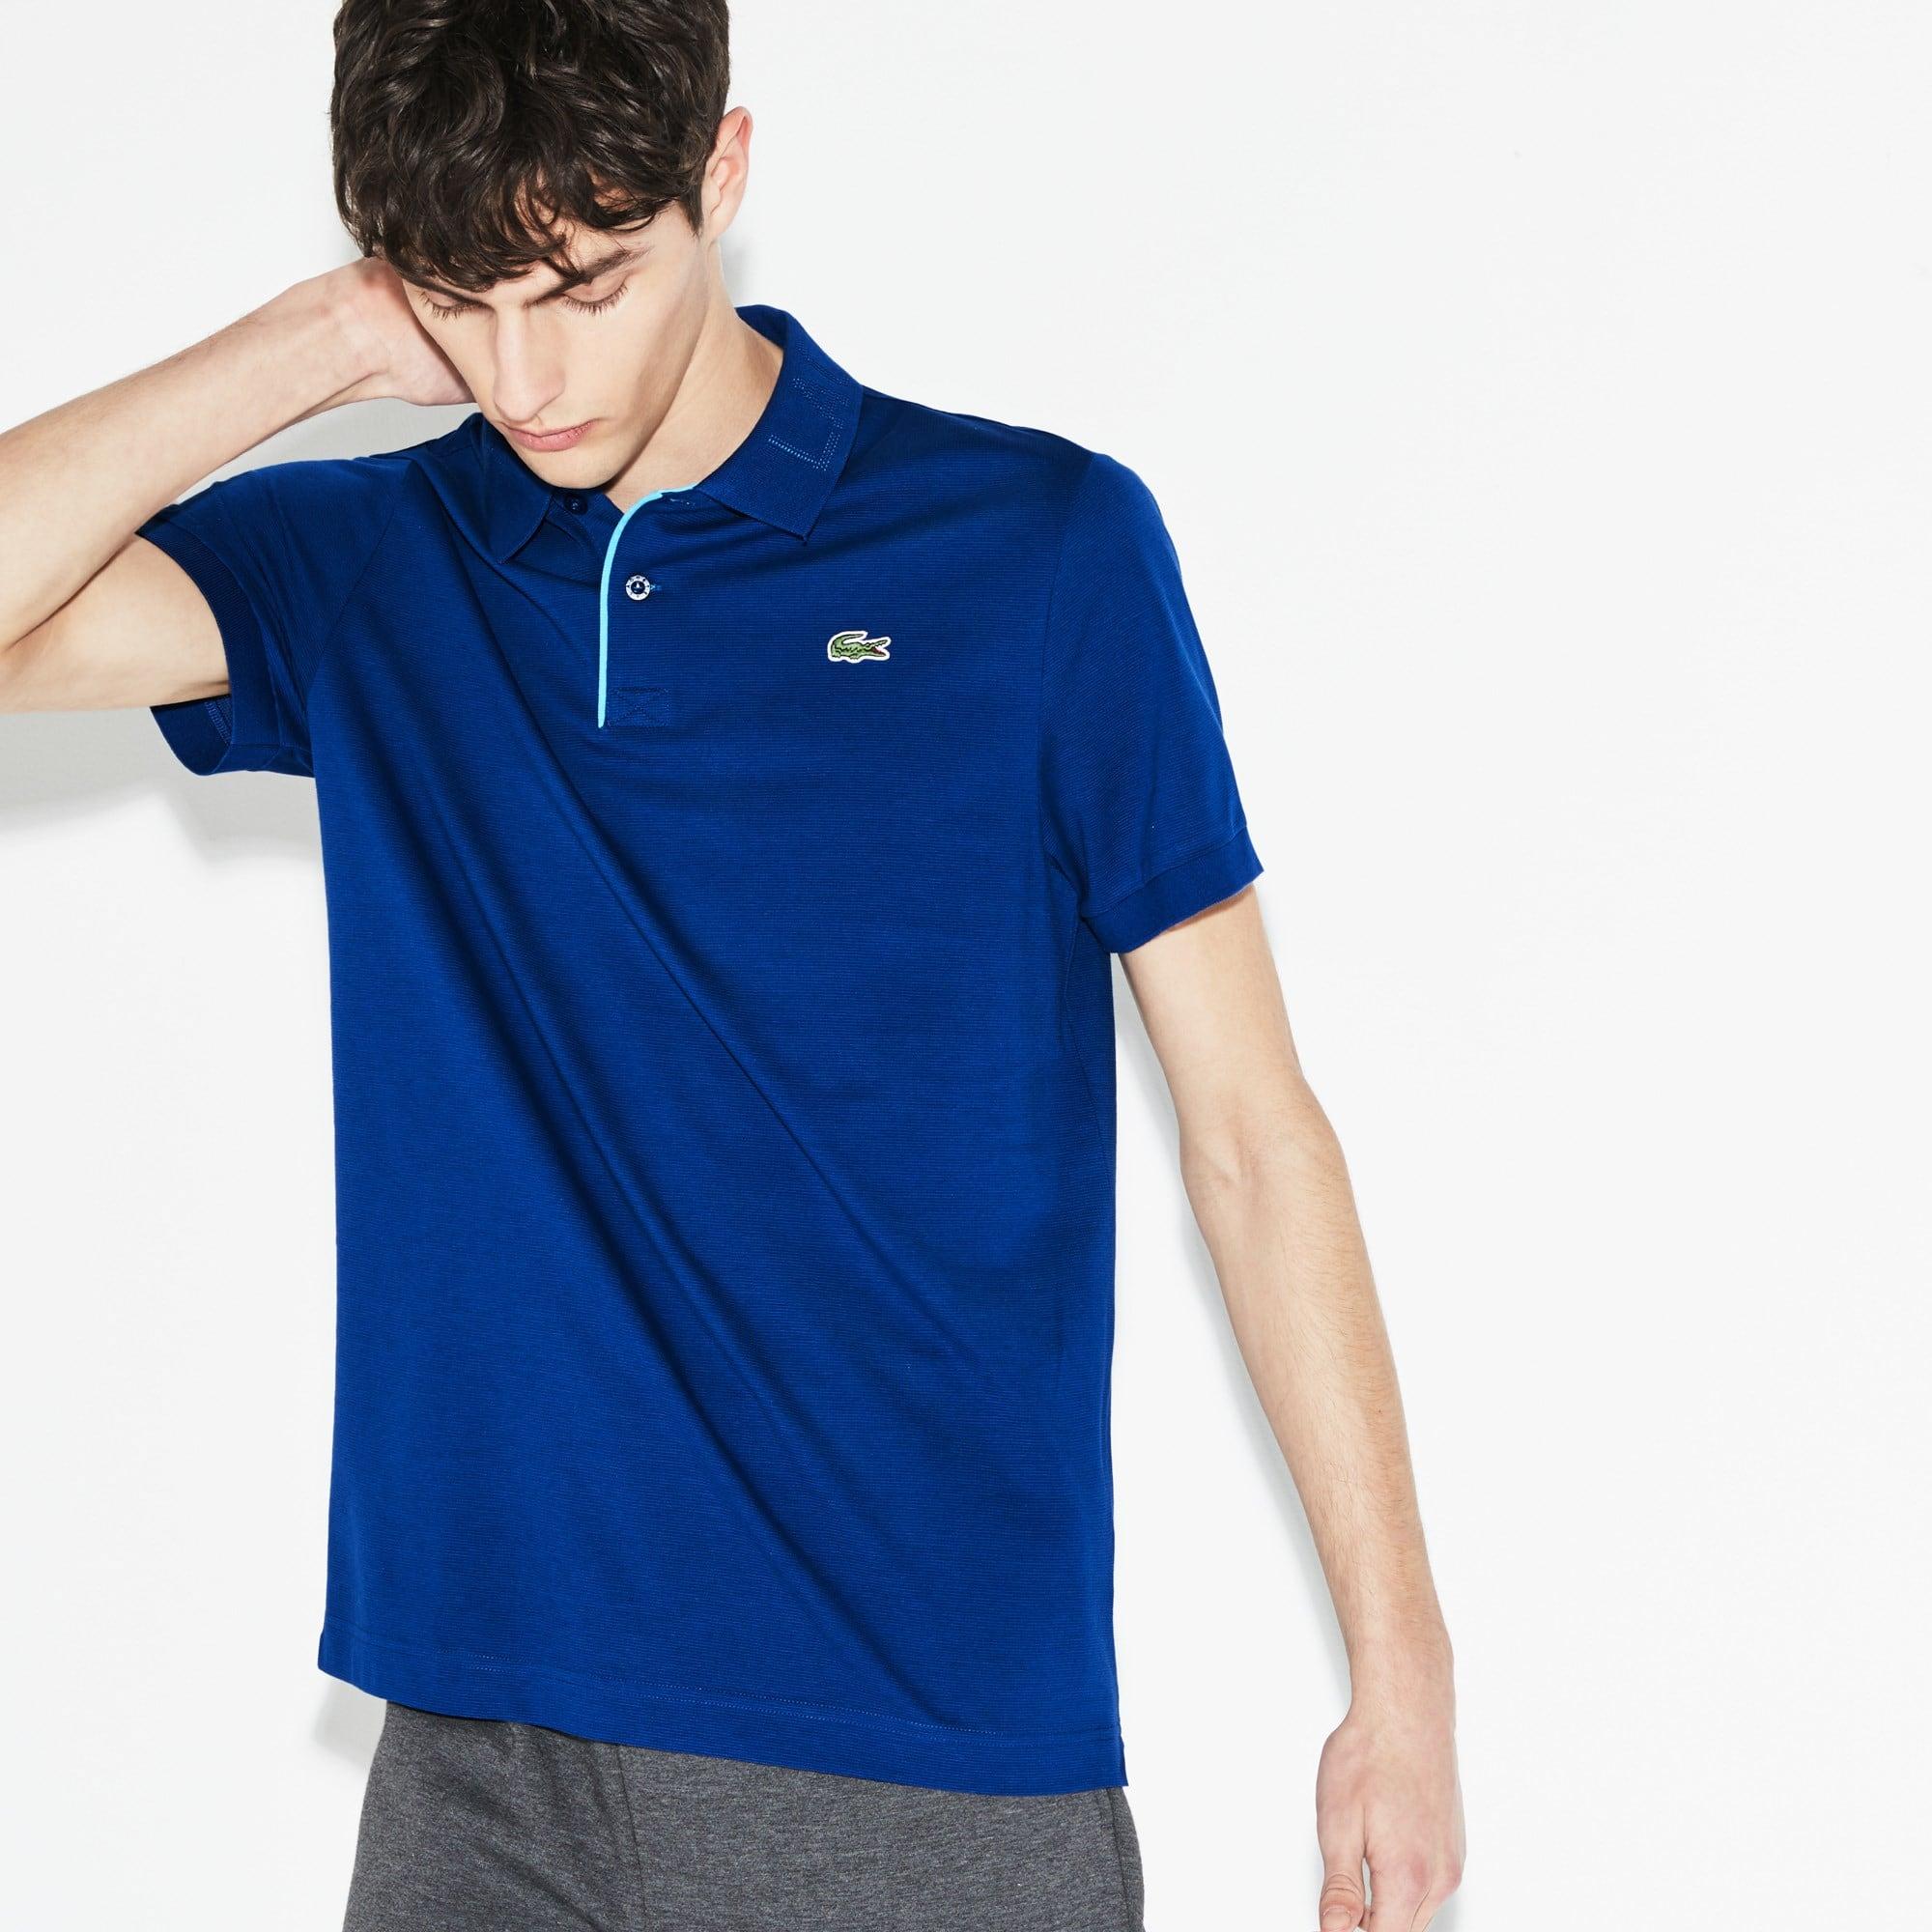 Polo Tennis Lacoste SPORT in cotone ultra leggero con collo stampato